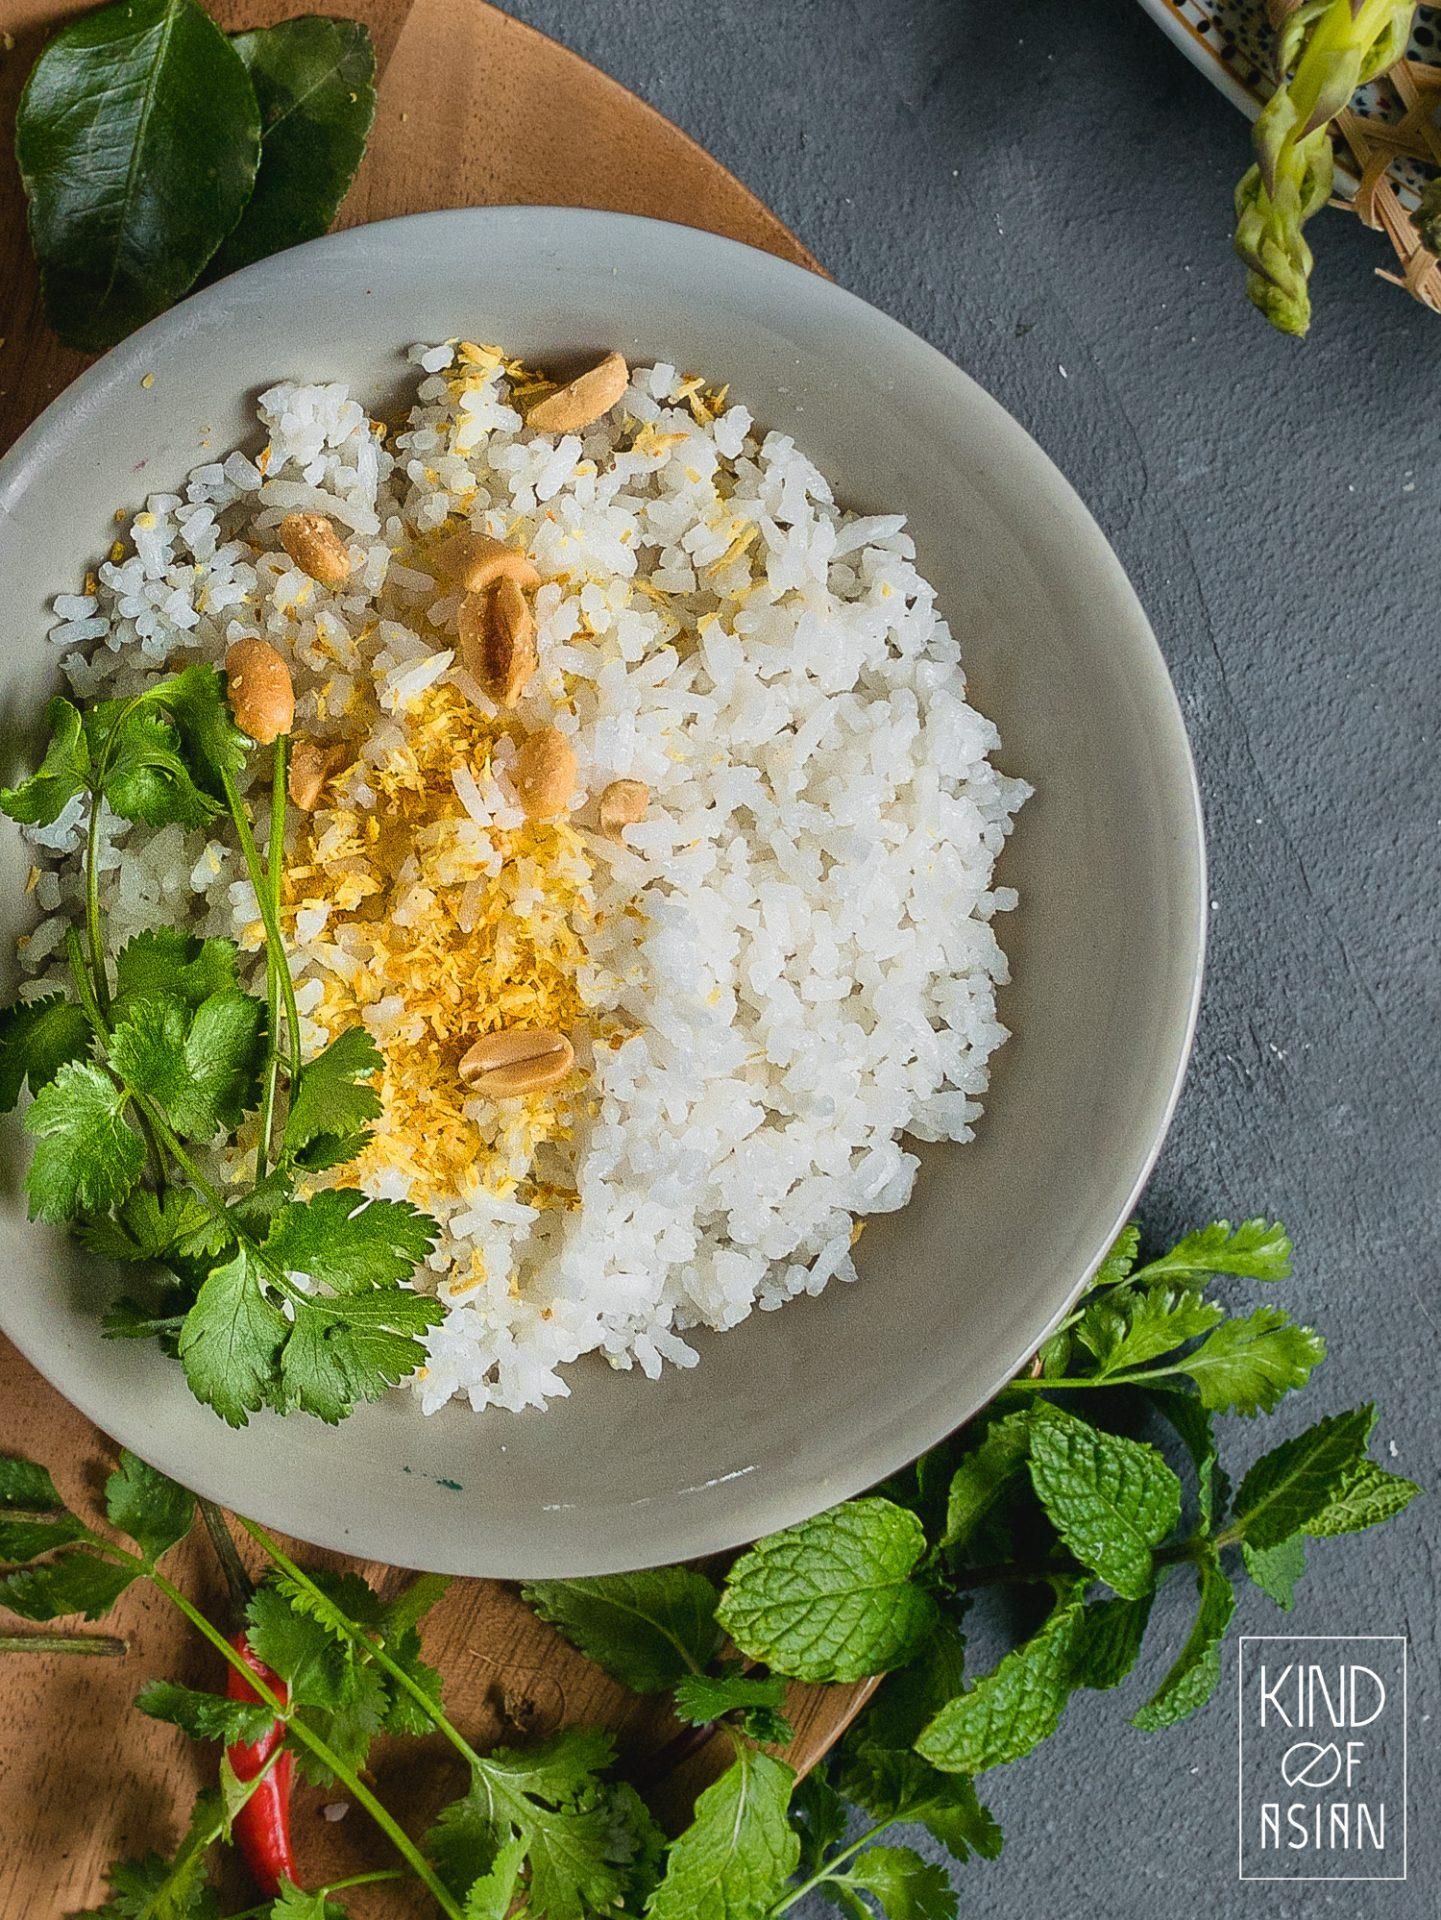 Dit is een Thais recept voor jasmijnrijst gekookt in kokosmelk. De fluffy Thaise kokosrijst is licht gezoet en is uiteraard niet plakkerig. Verwar deze niet met de plakkerige kleefrijst met heel veel kokosmelk.